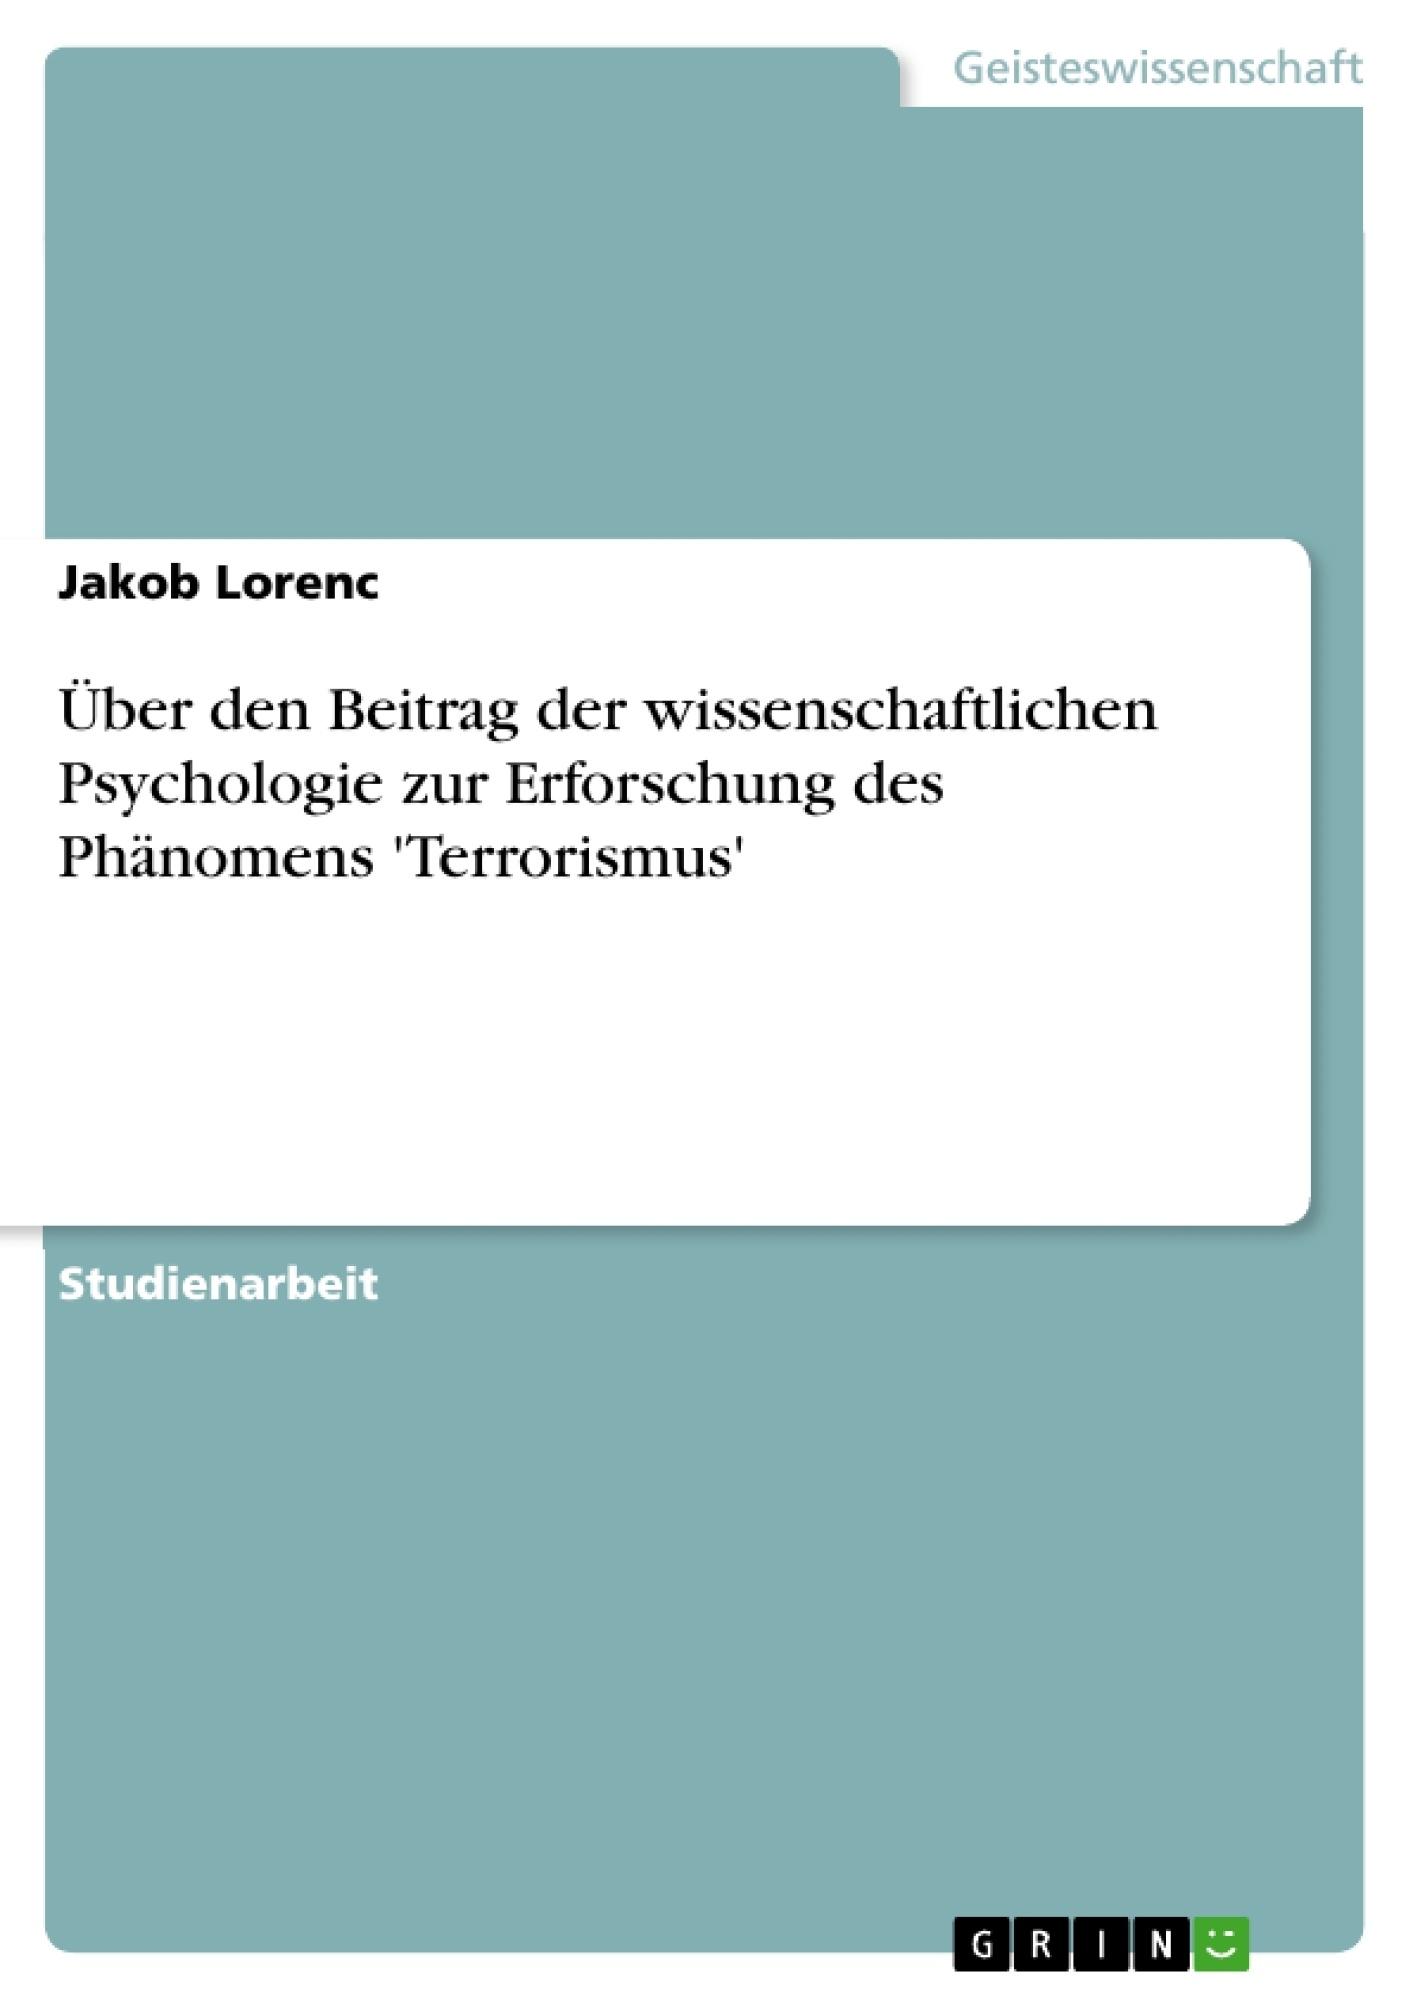 Titel: Über den Beitrag der wissenschaftlichen Psychologie zur Erforschung des Phänomens 'Terrorismus'